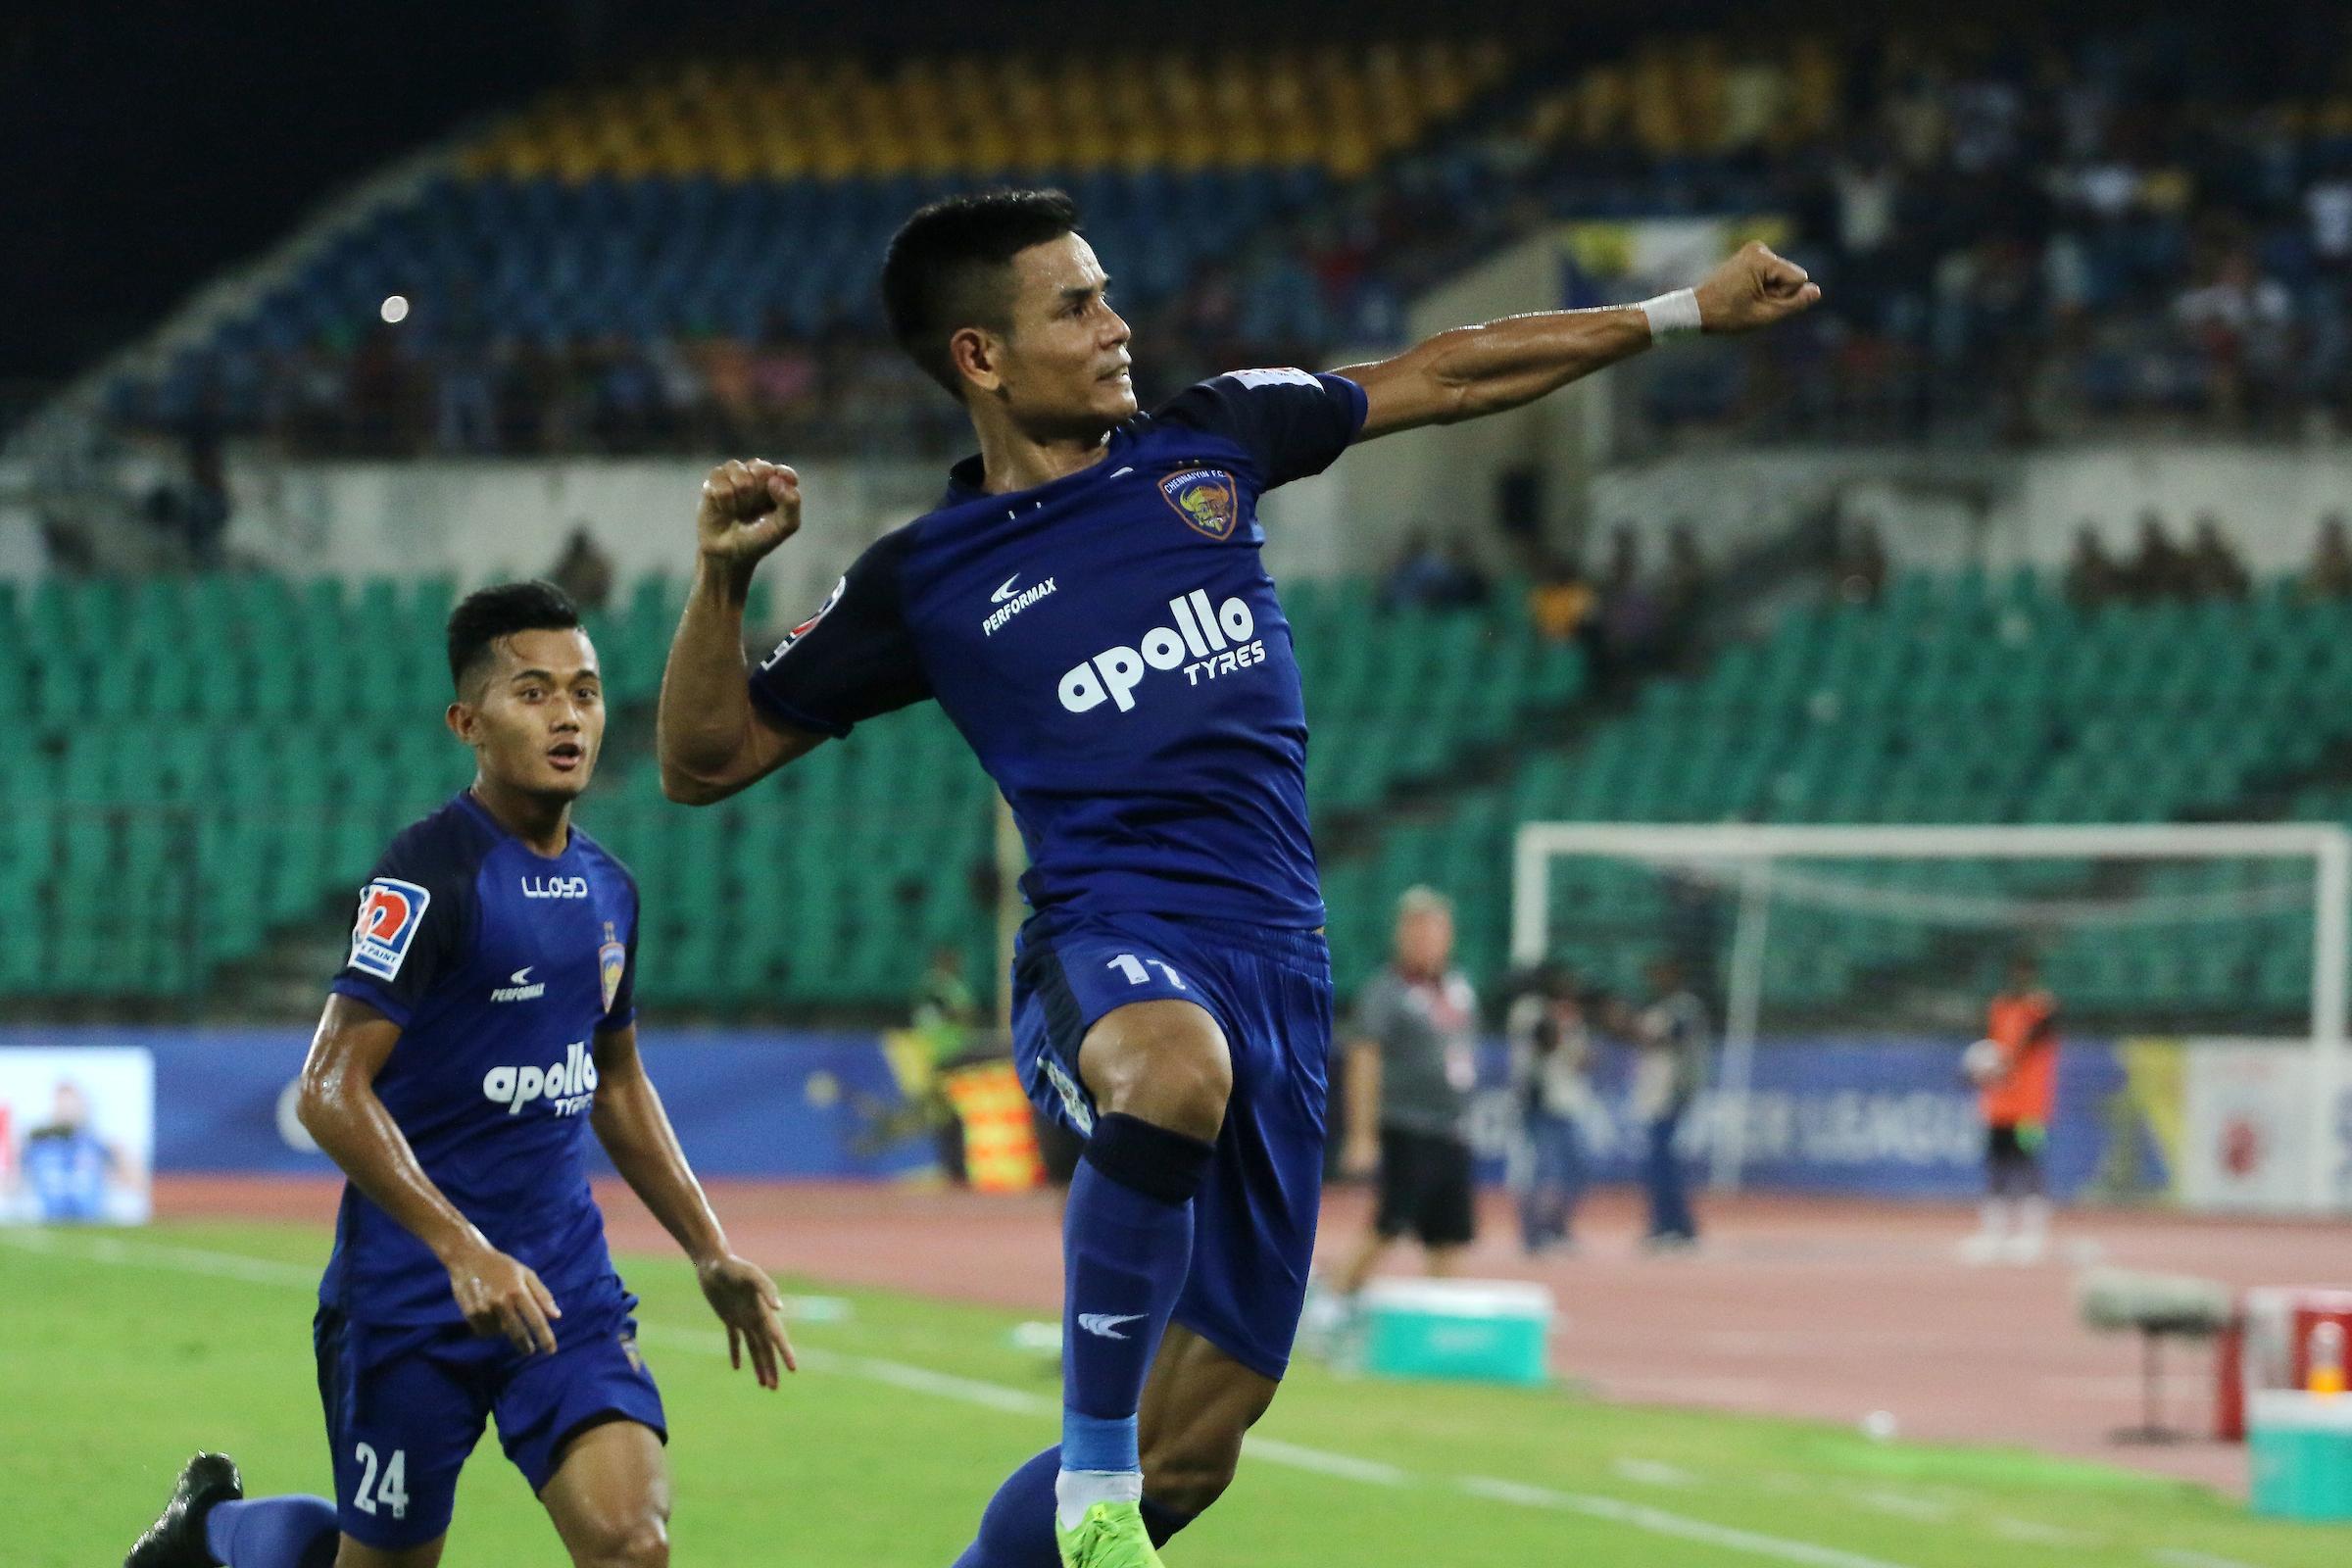 Thoi Singh Chennaiyin FC ATK ISL 2018-19